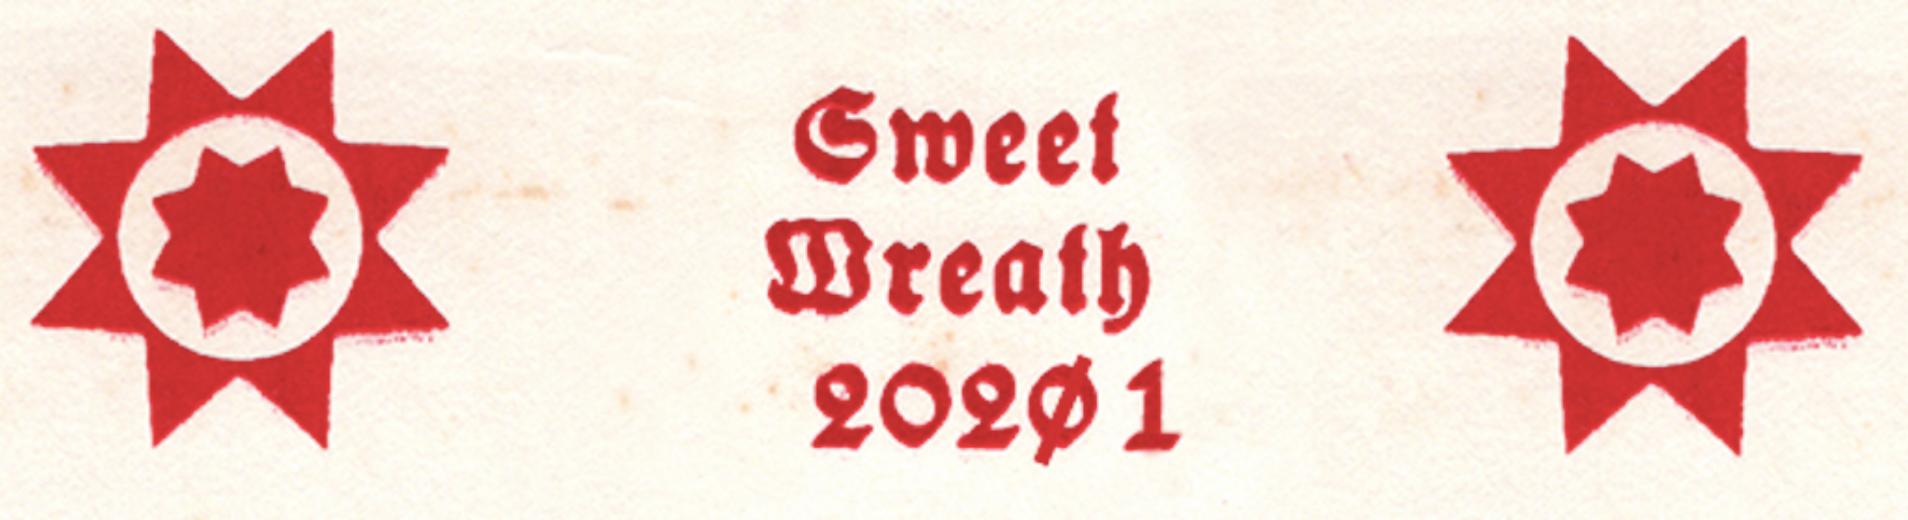 Sweet Wreath's Sonic Soul Power